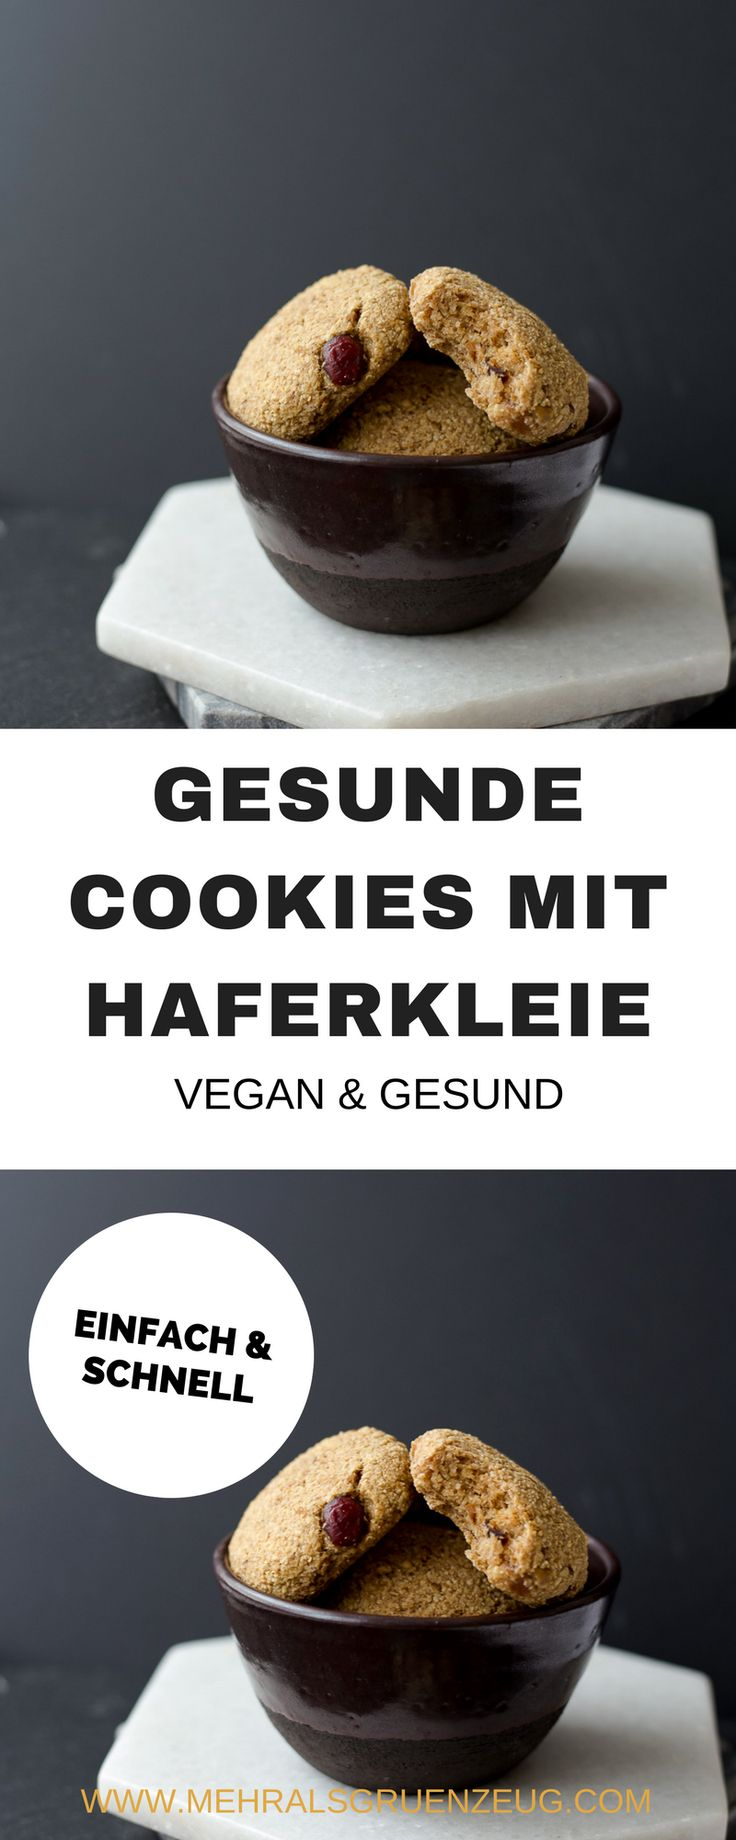 25 best kekse ohne zucker ideas on pinterest backen ohne zucker kuchen ohne zucker and. Black Bedroom Furniture Sets. Home Design Ideas